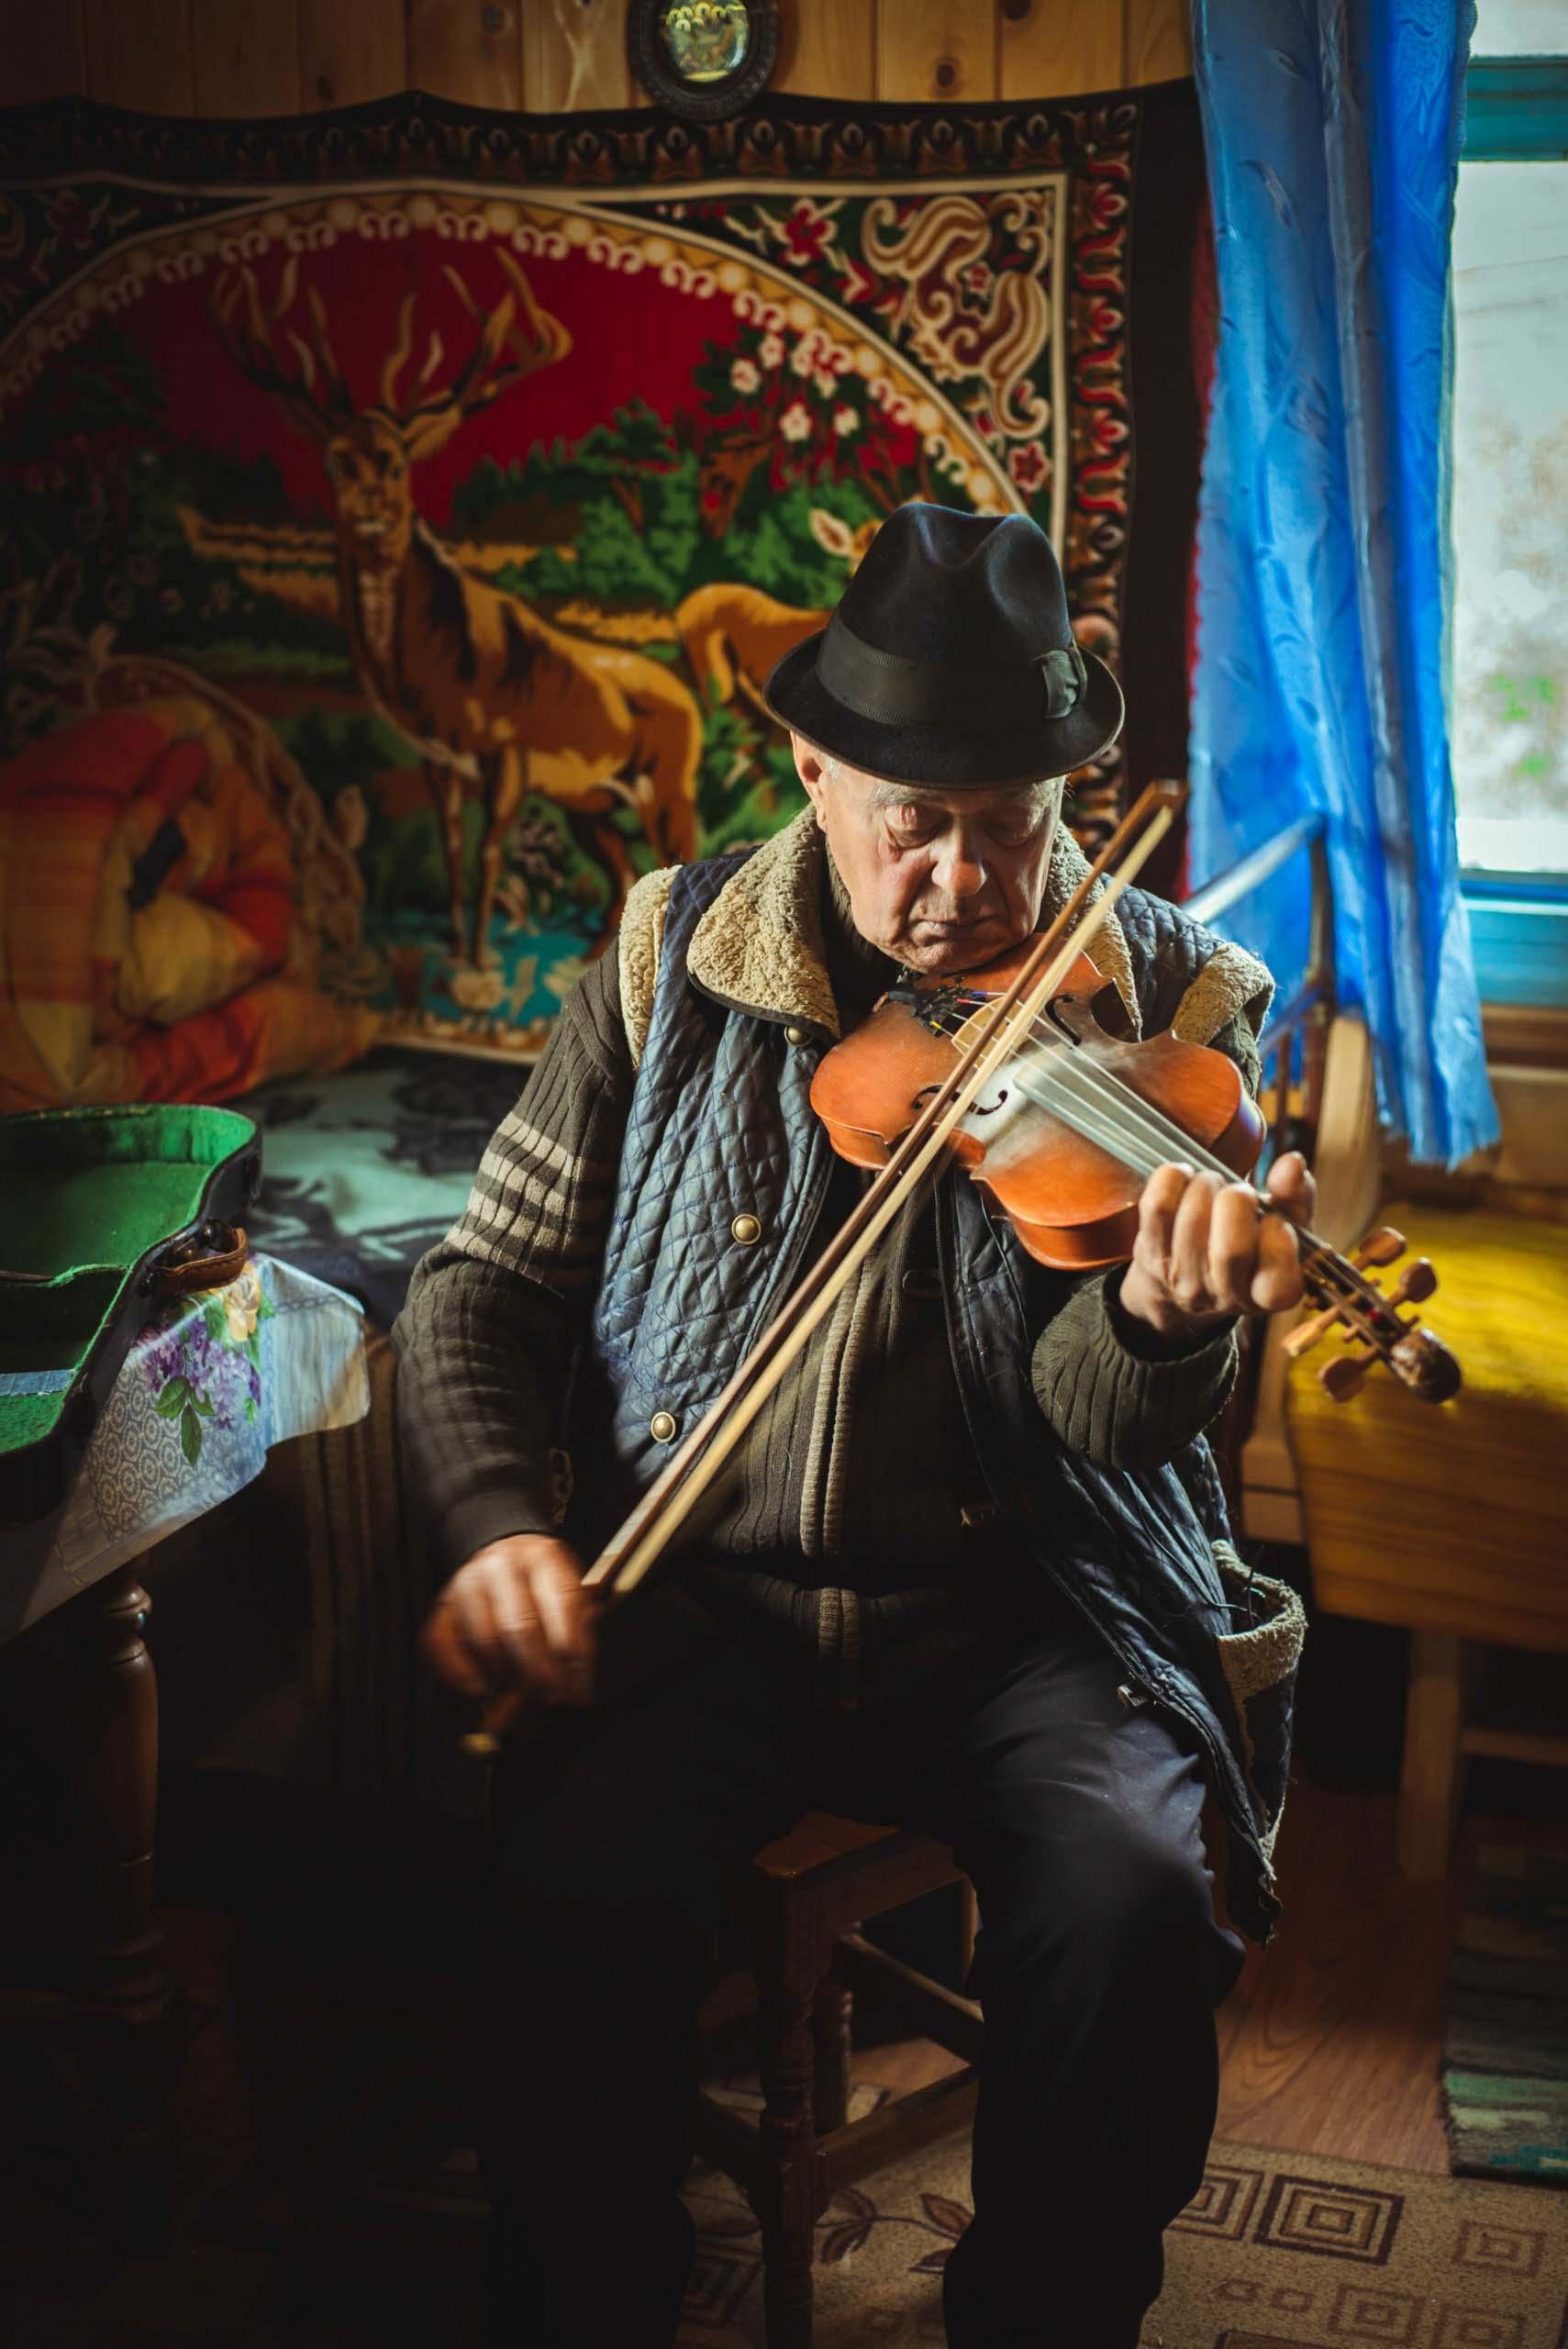 """""""Вже мене знає весь світ"""": 82-річний майстер-самоук із Прикарпаття створює музичні інструменти (ФОТО, ВІДЕО)"""